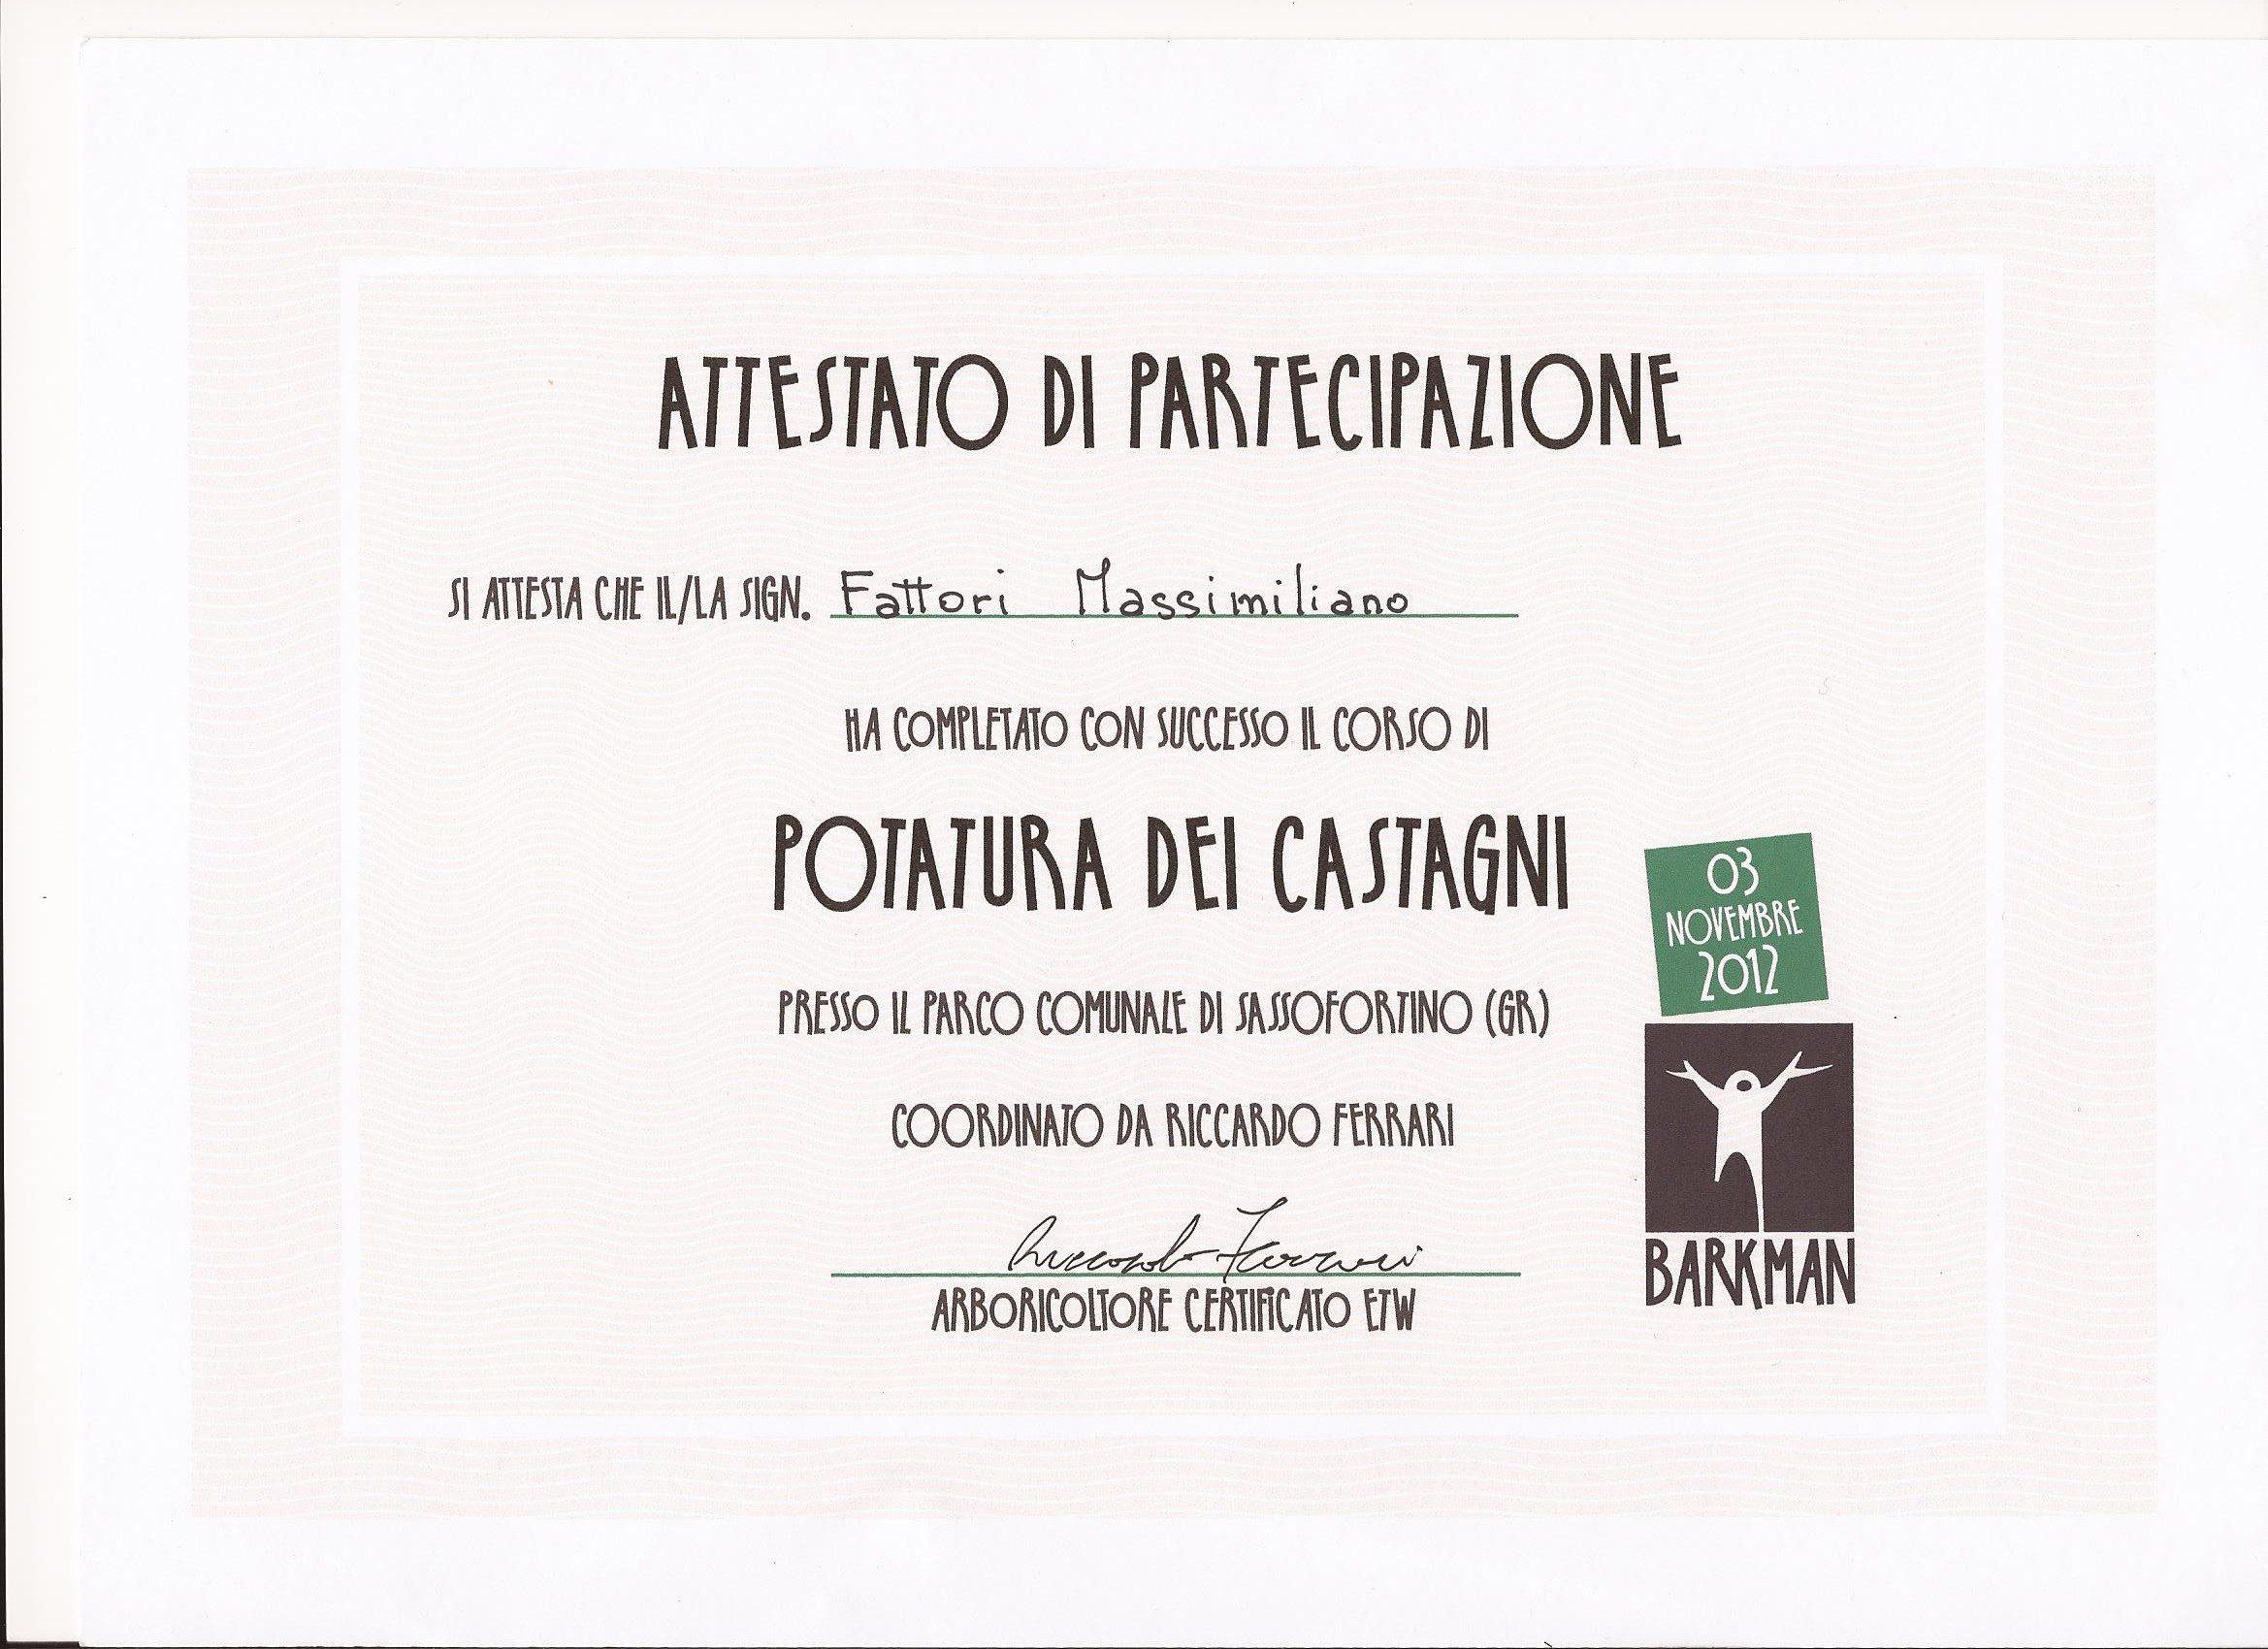 ATTESTATO POTATURA CASTAGNI 001